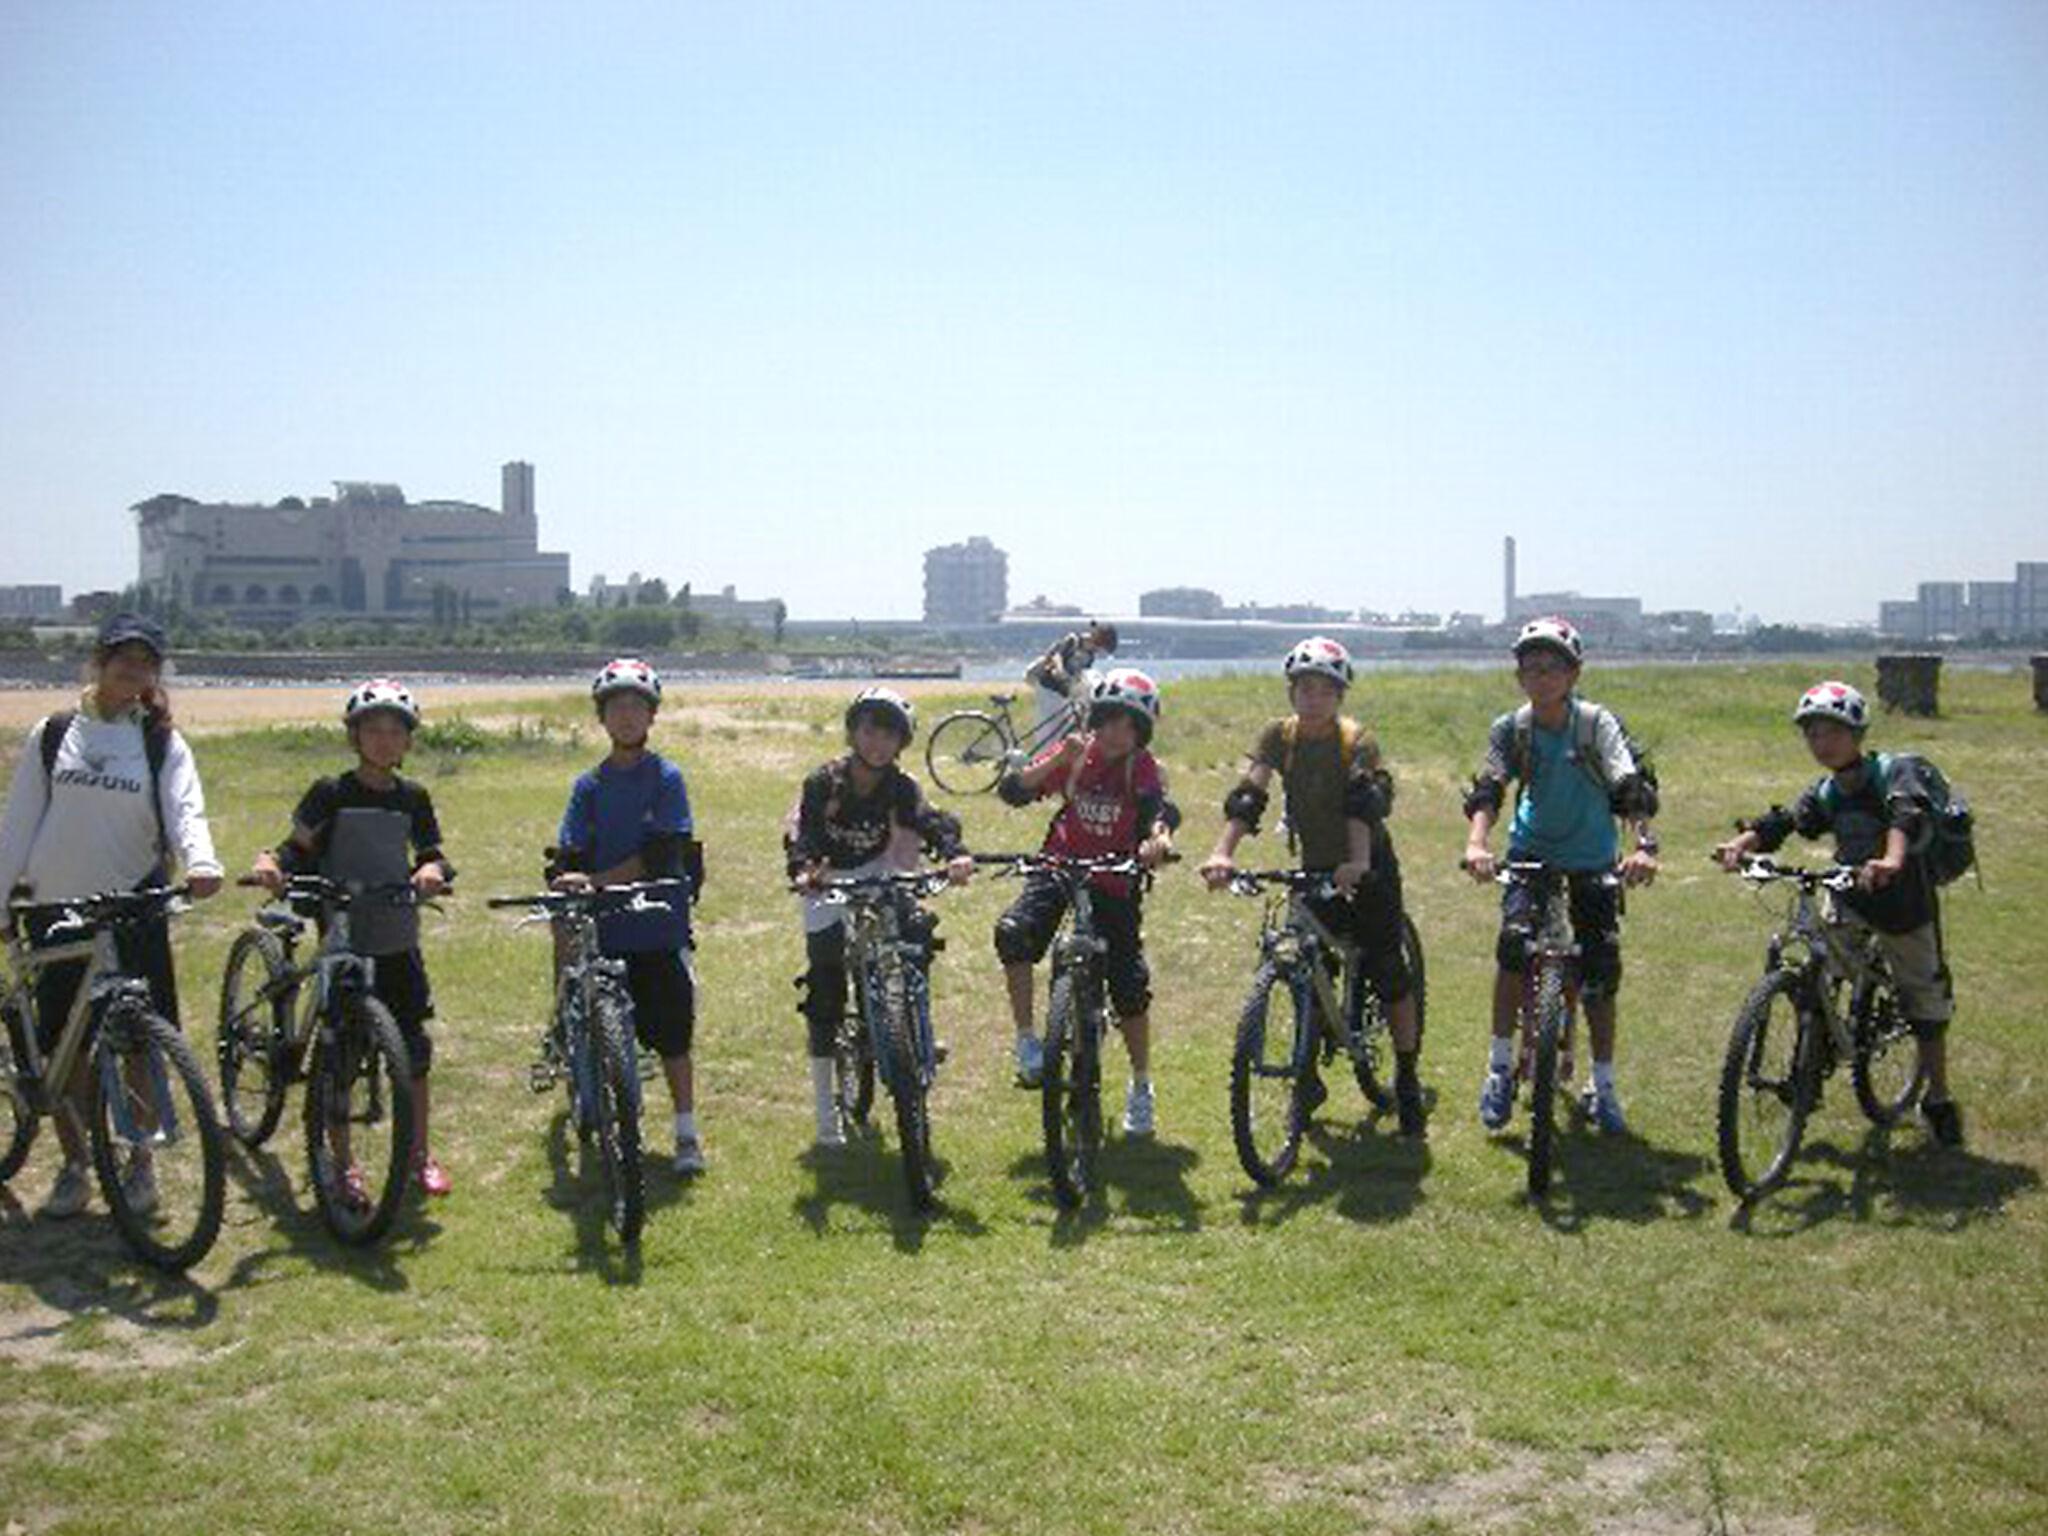 子どもたちが自転車に乗って集合している画像